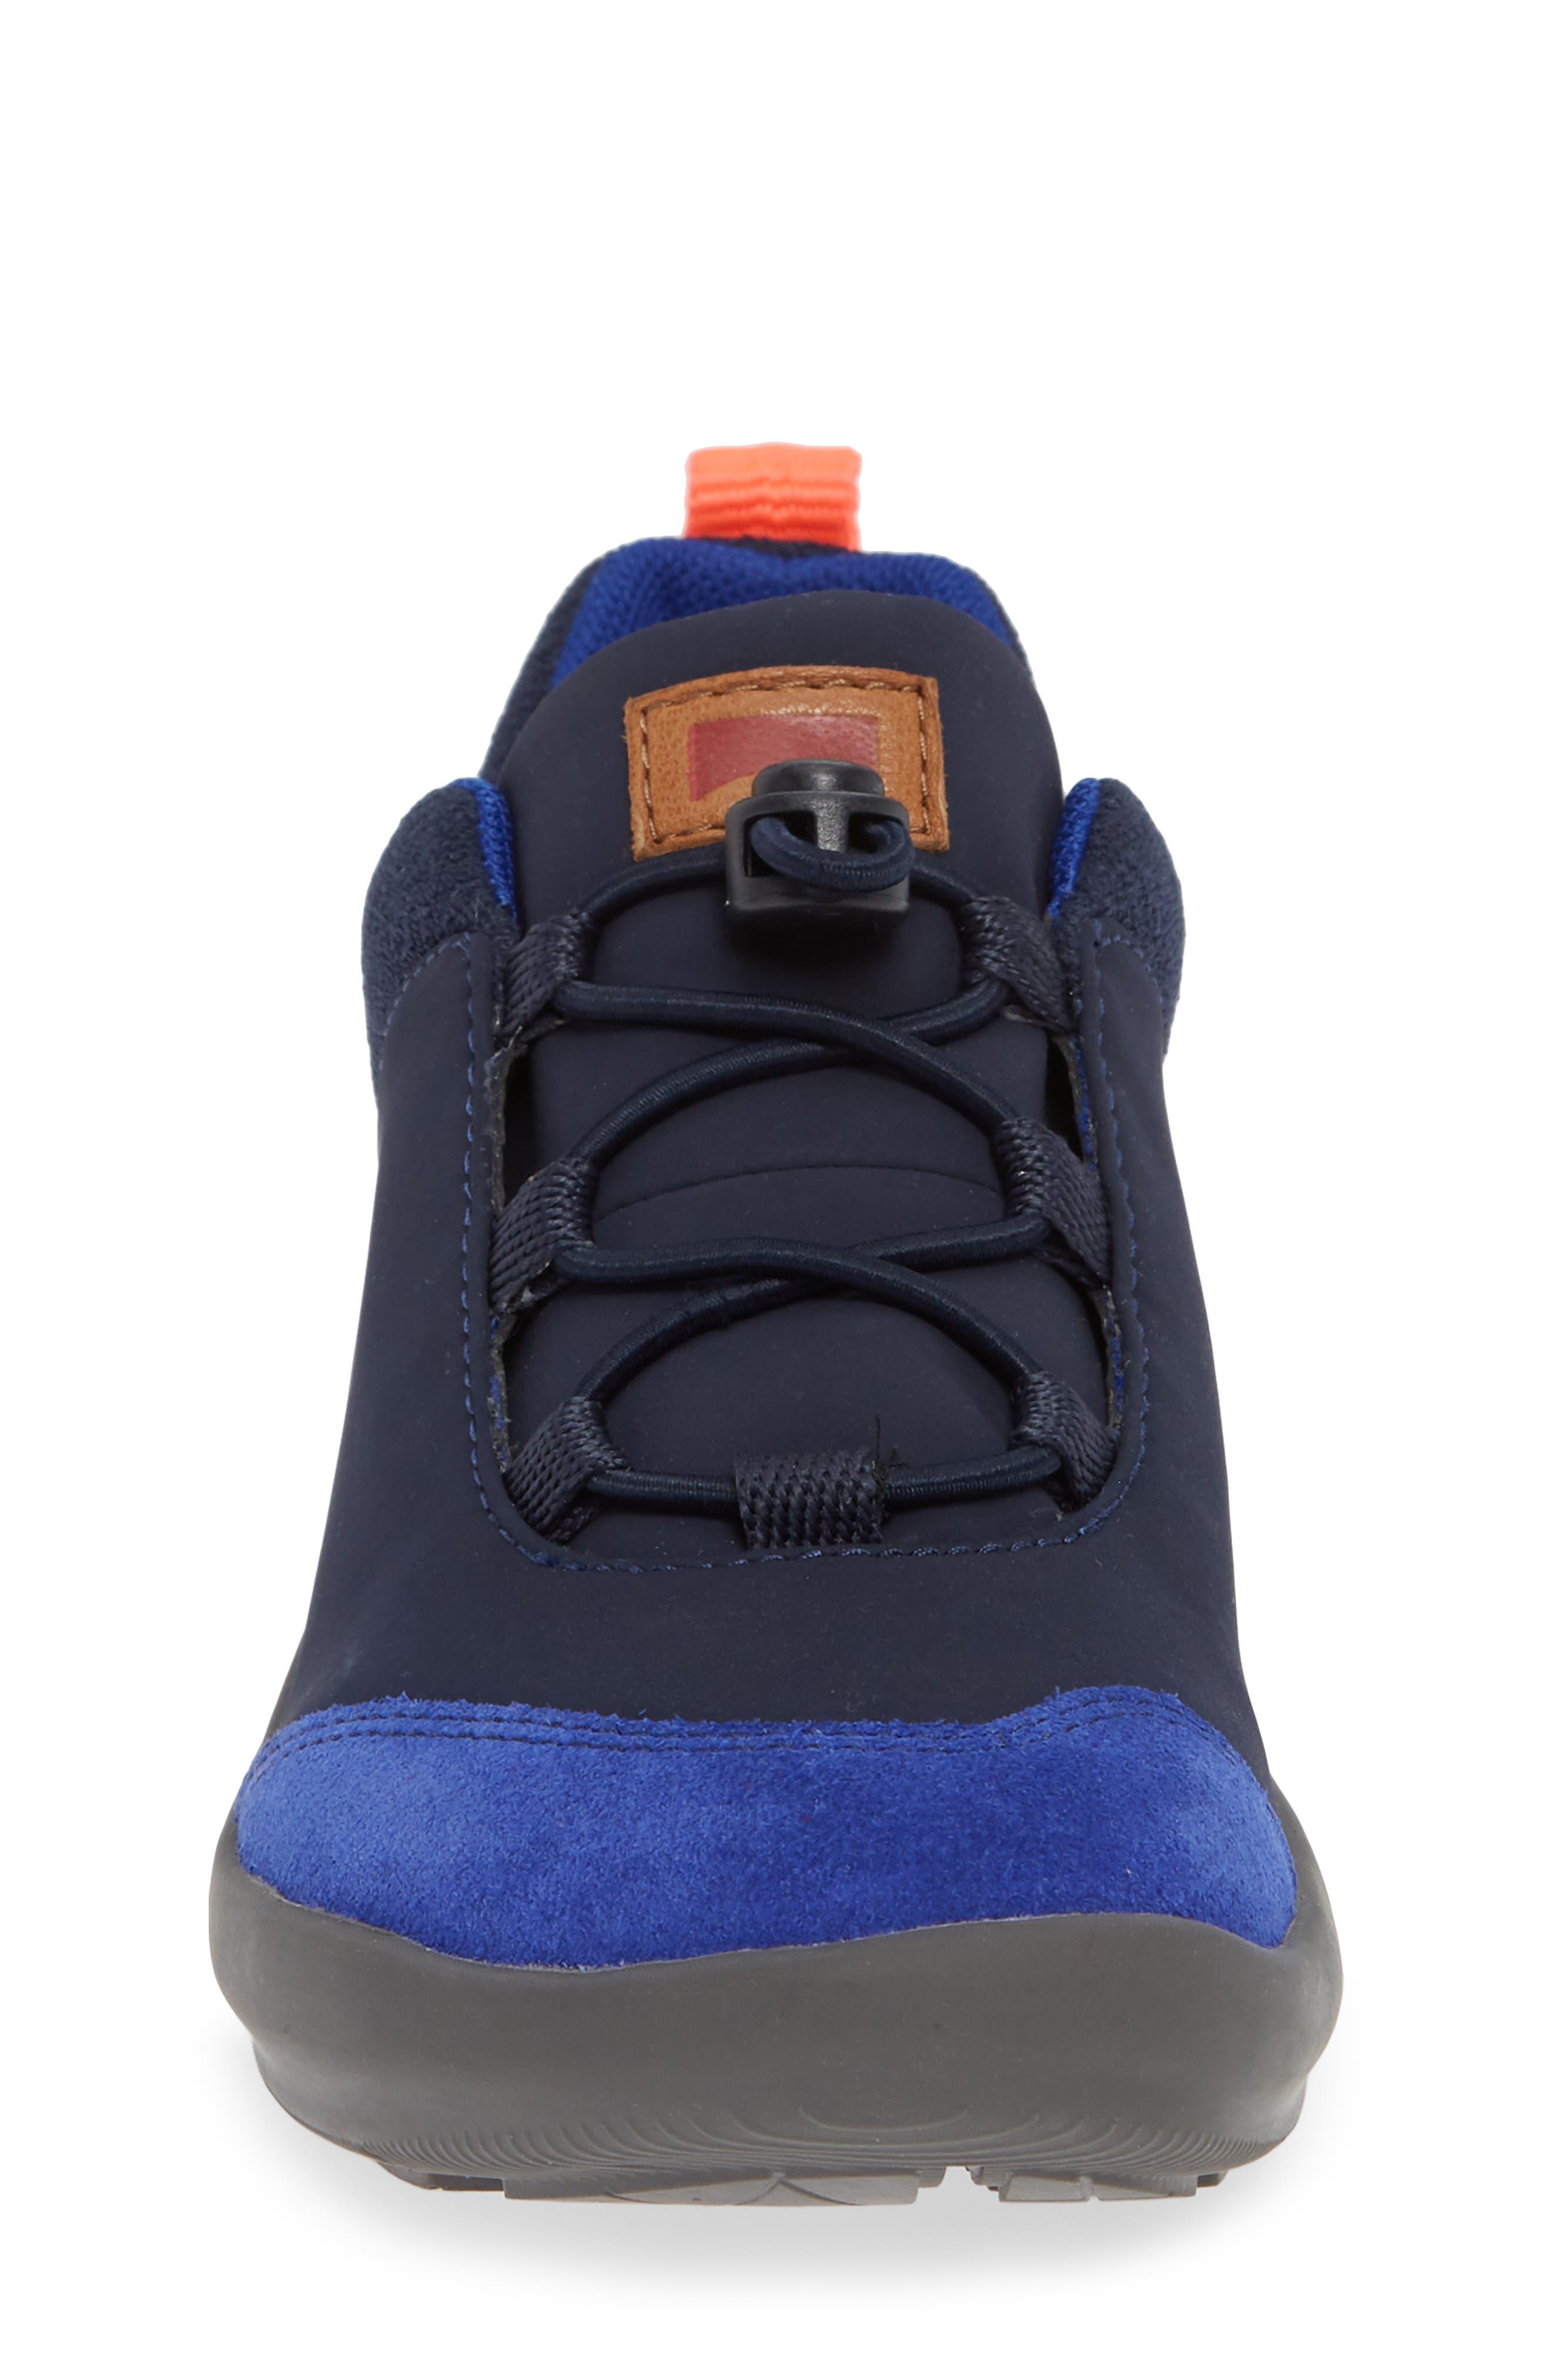 Ergo Hybrid Sneaker,                             Alternate thumbnail 4, color,                             BLUE MULTI